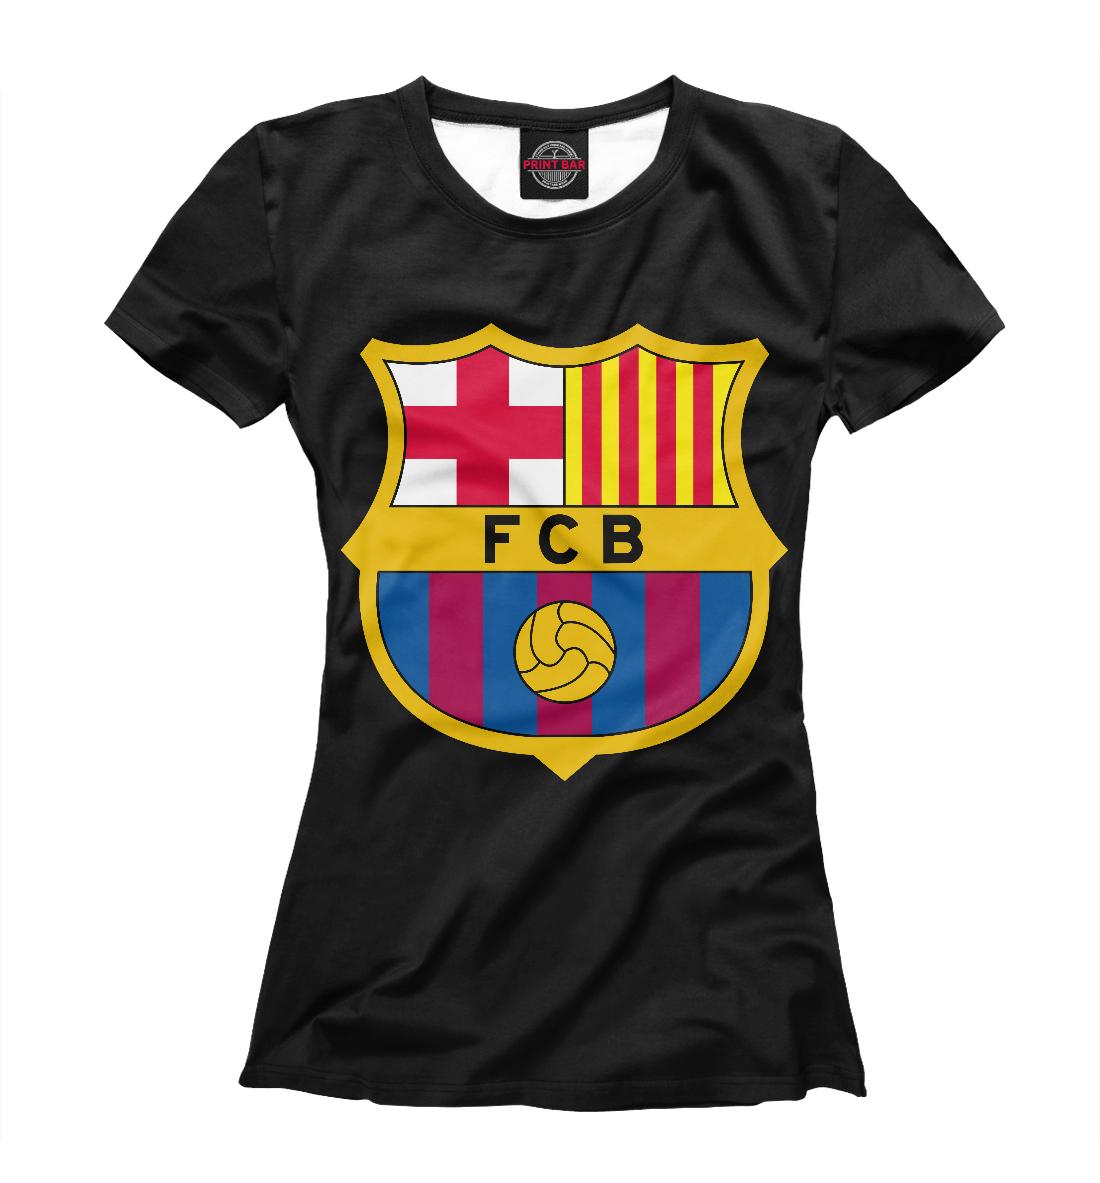 Купить Барселона, Printbar, Футболки, BAR-694351-fut-1